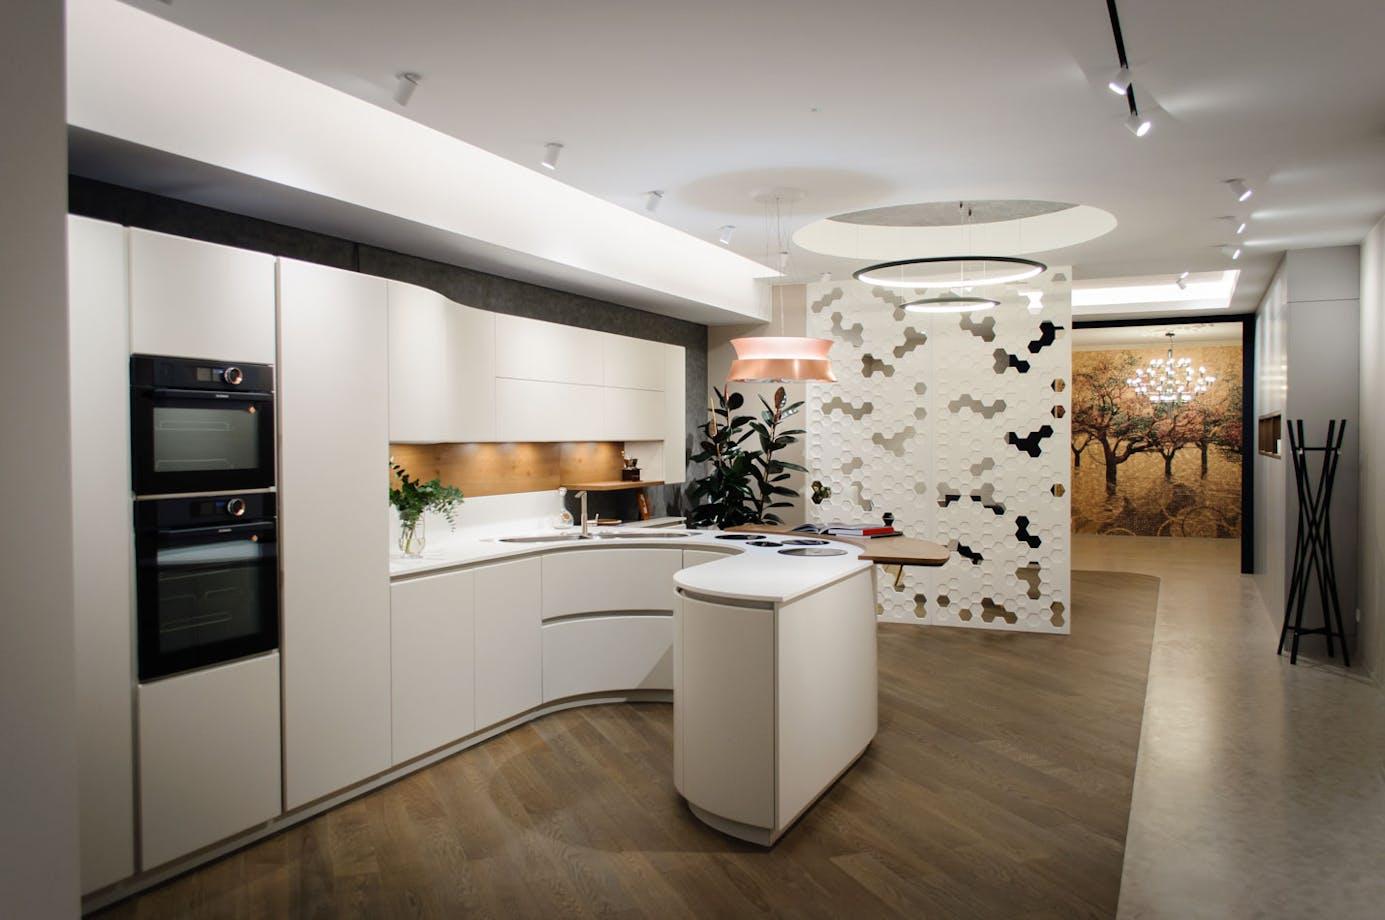 Exposición de cocina modelo Artika de PEDINI